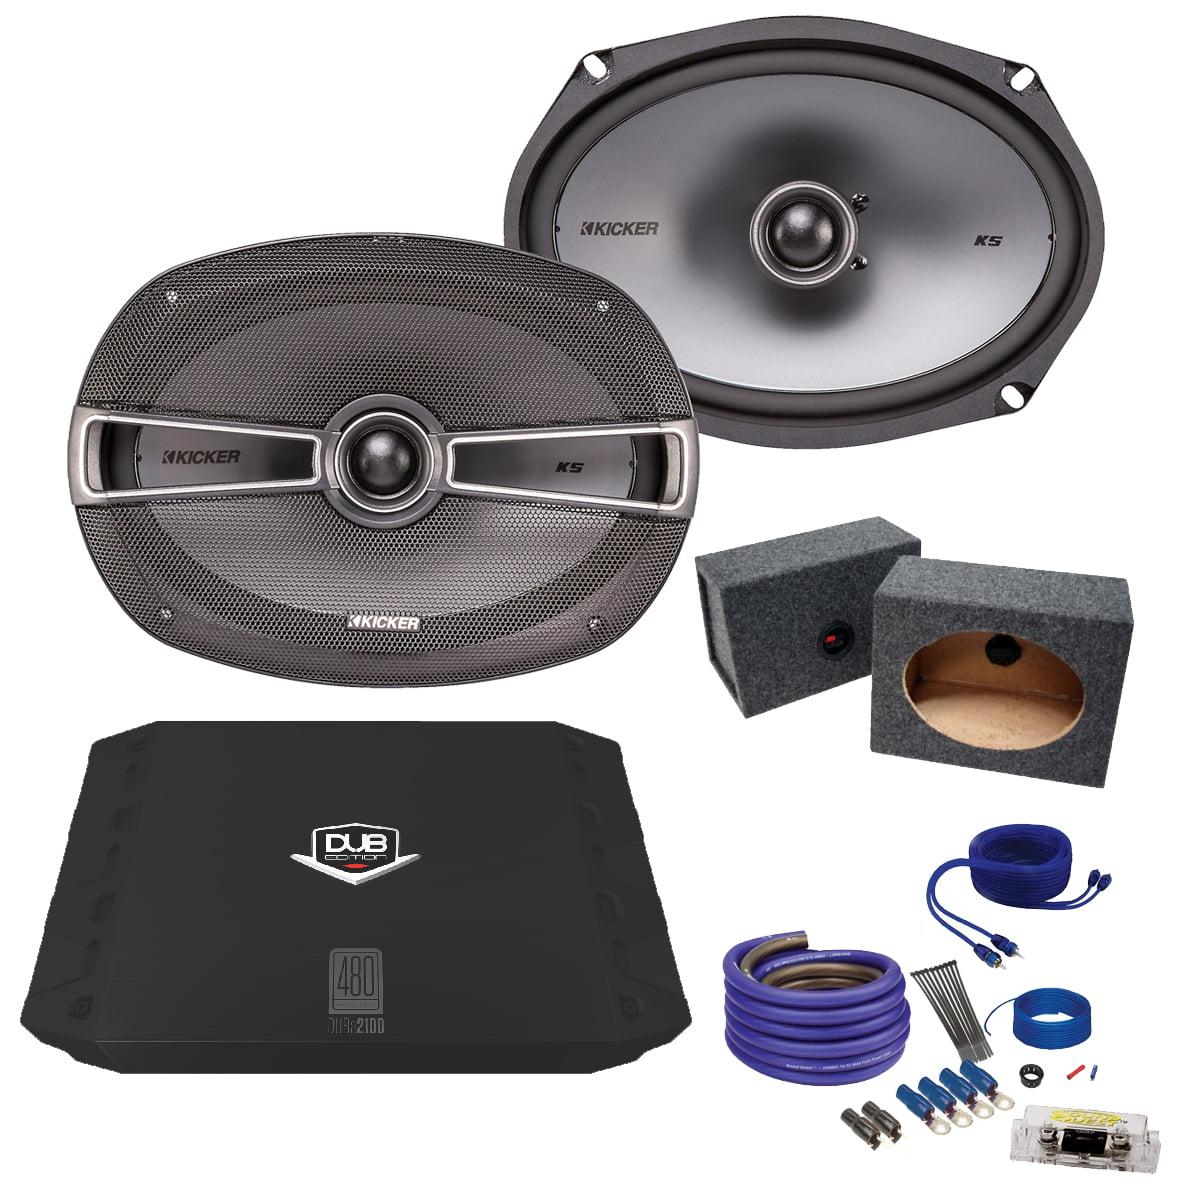 Kicker 6x9 41KSC694 Bundle with DUBA2100 200 Watt Amplifier + Enclosure + Wire Kit